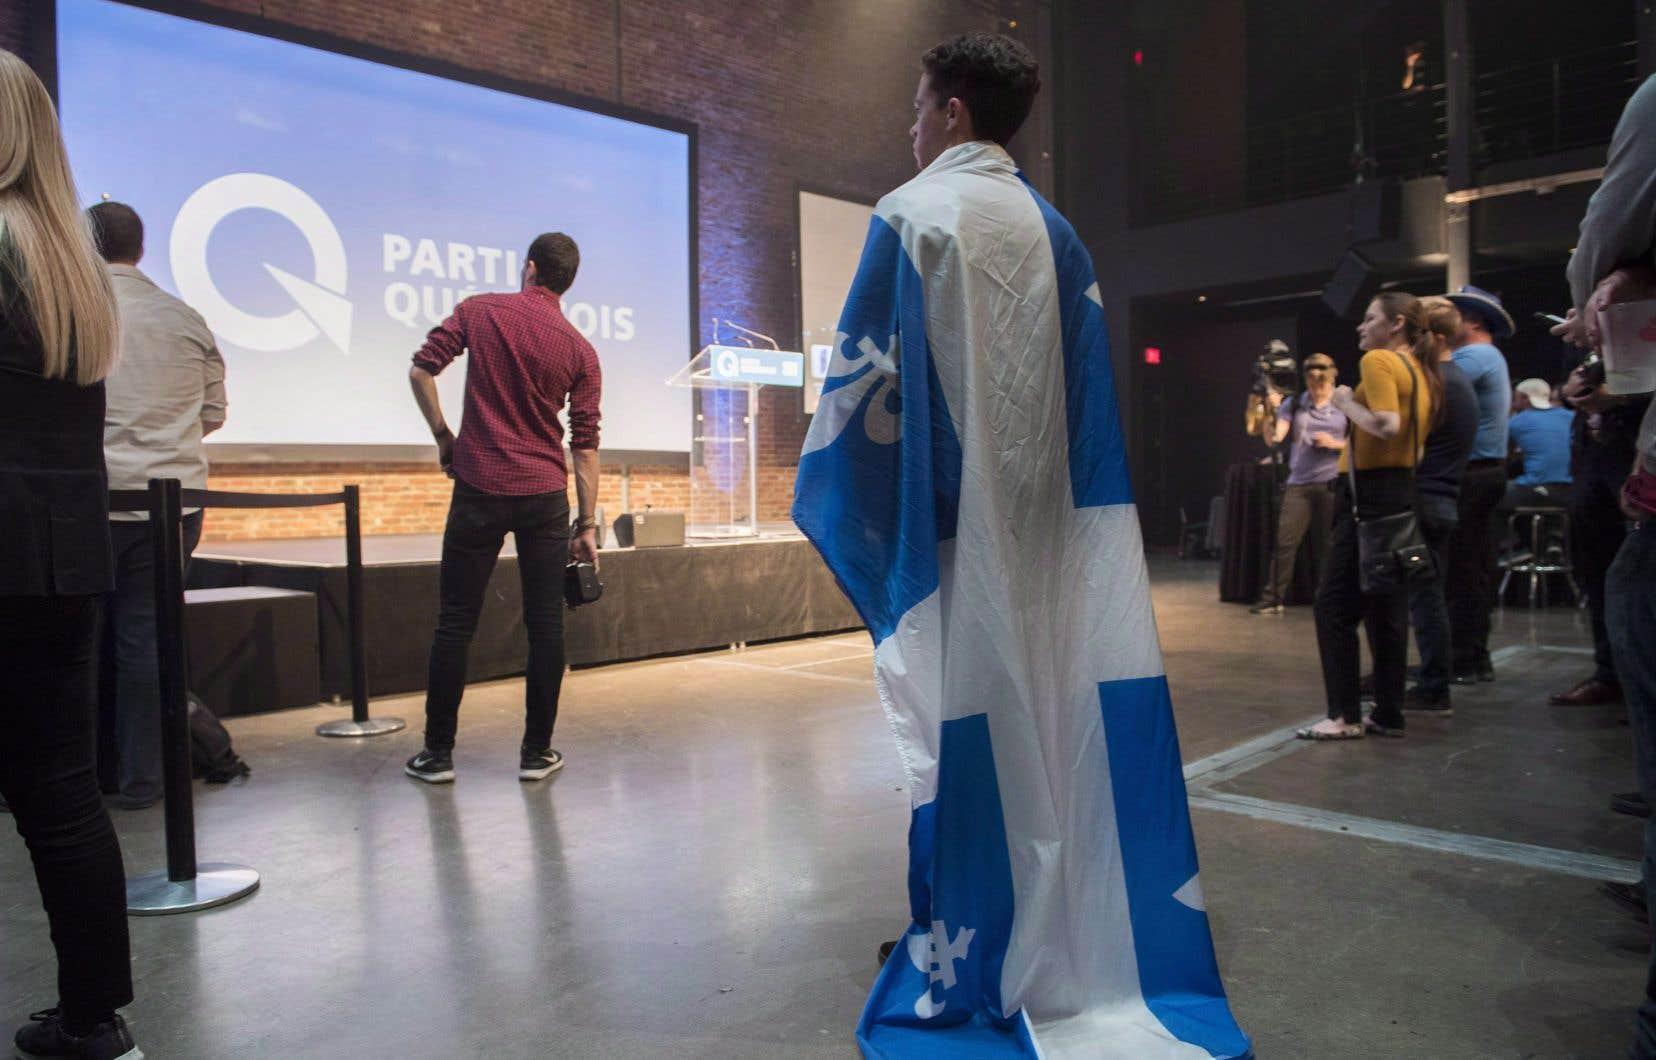 Lecongrès de novembre doit donner naissance à un «nouveau Parti québécois». Le PQ élira ensuite un nouveau chef en 2020, puis le prochain défi sera les élections de 2022.